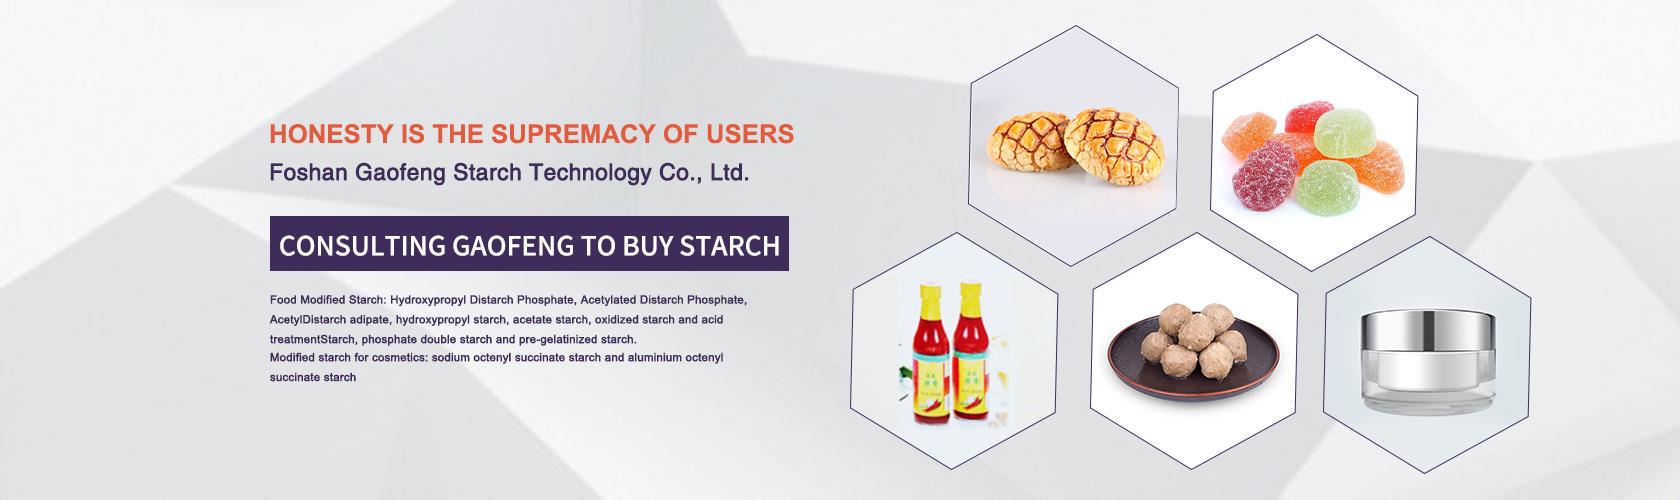 Foshan Gaofeng Starch Technology Co Ltd